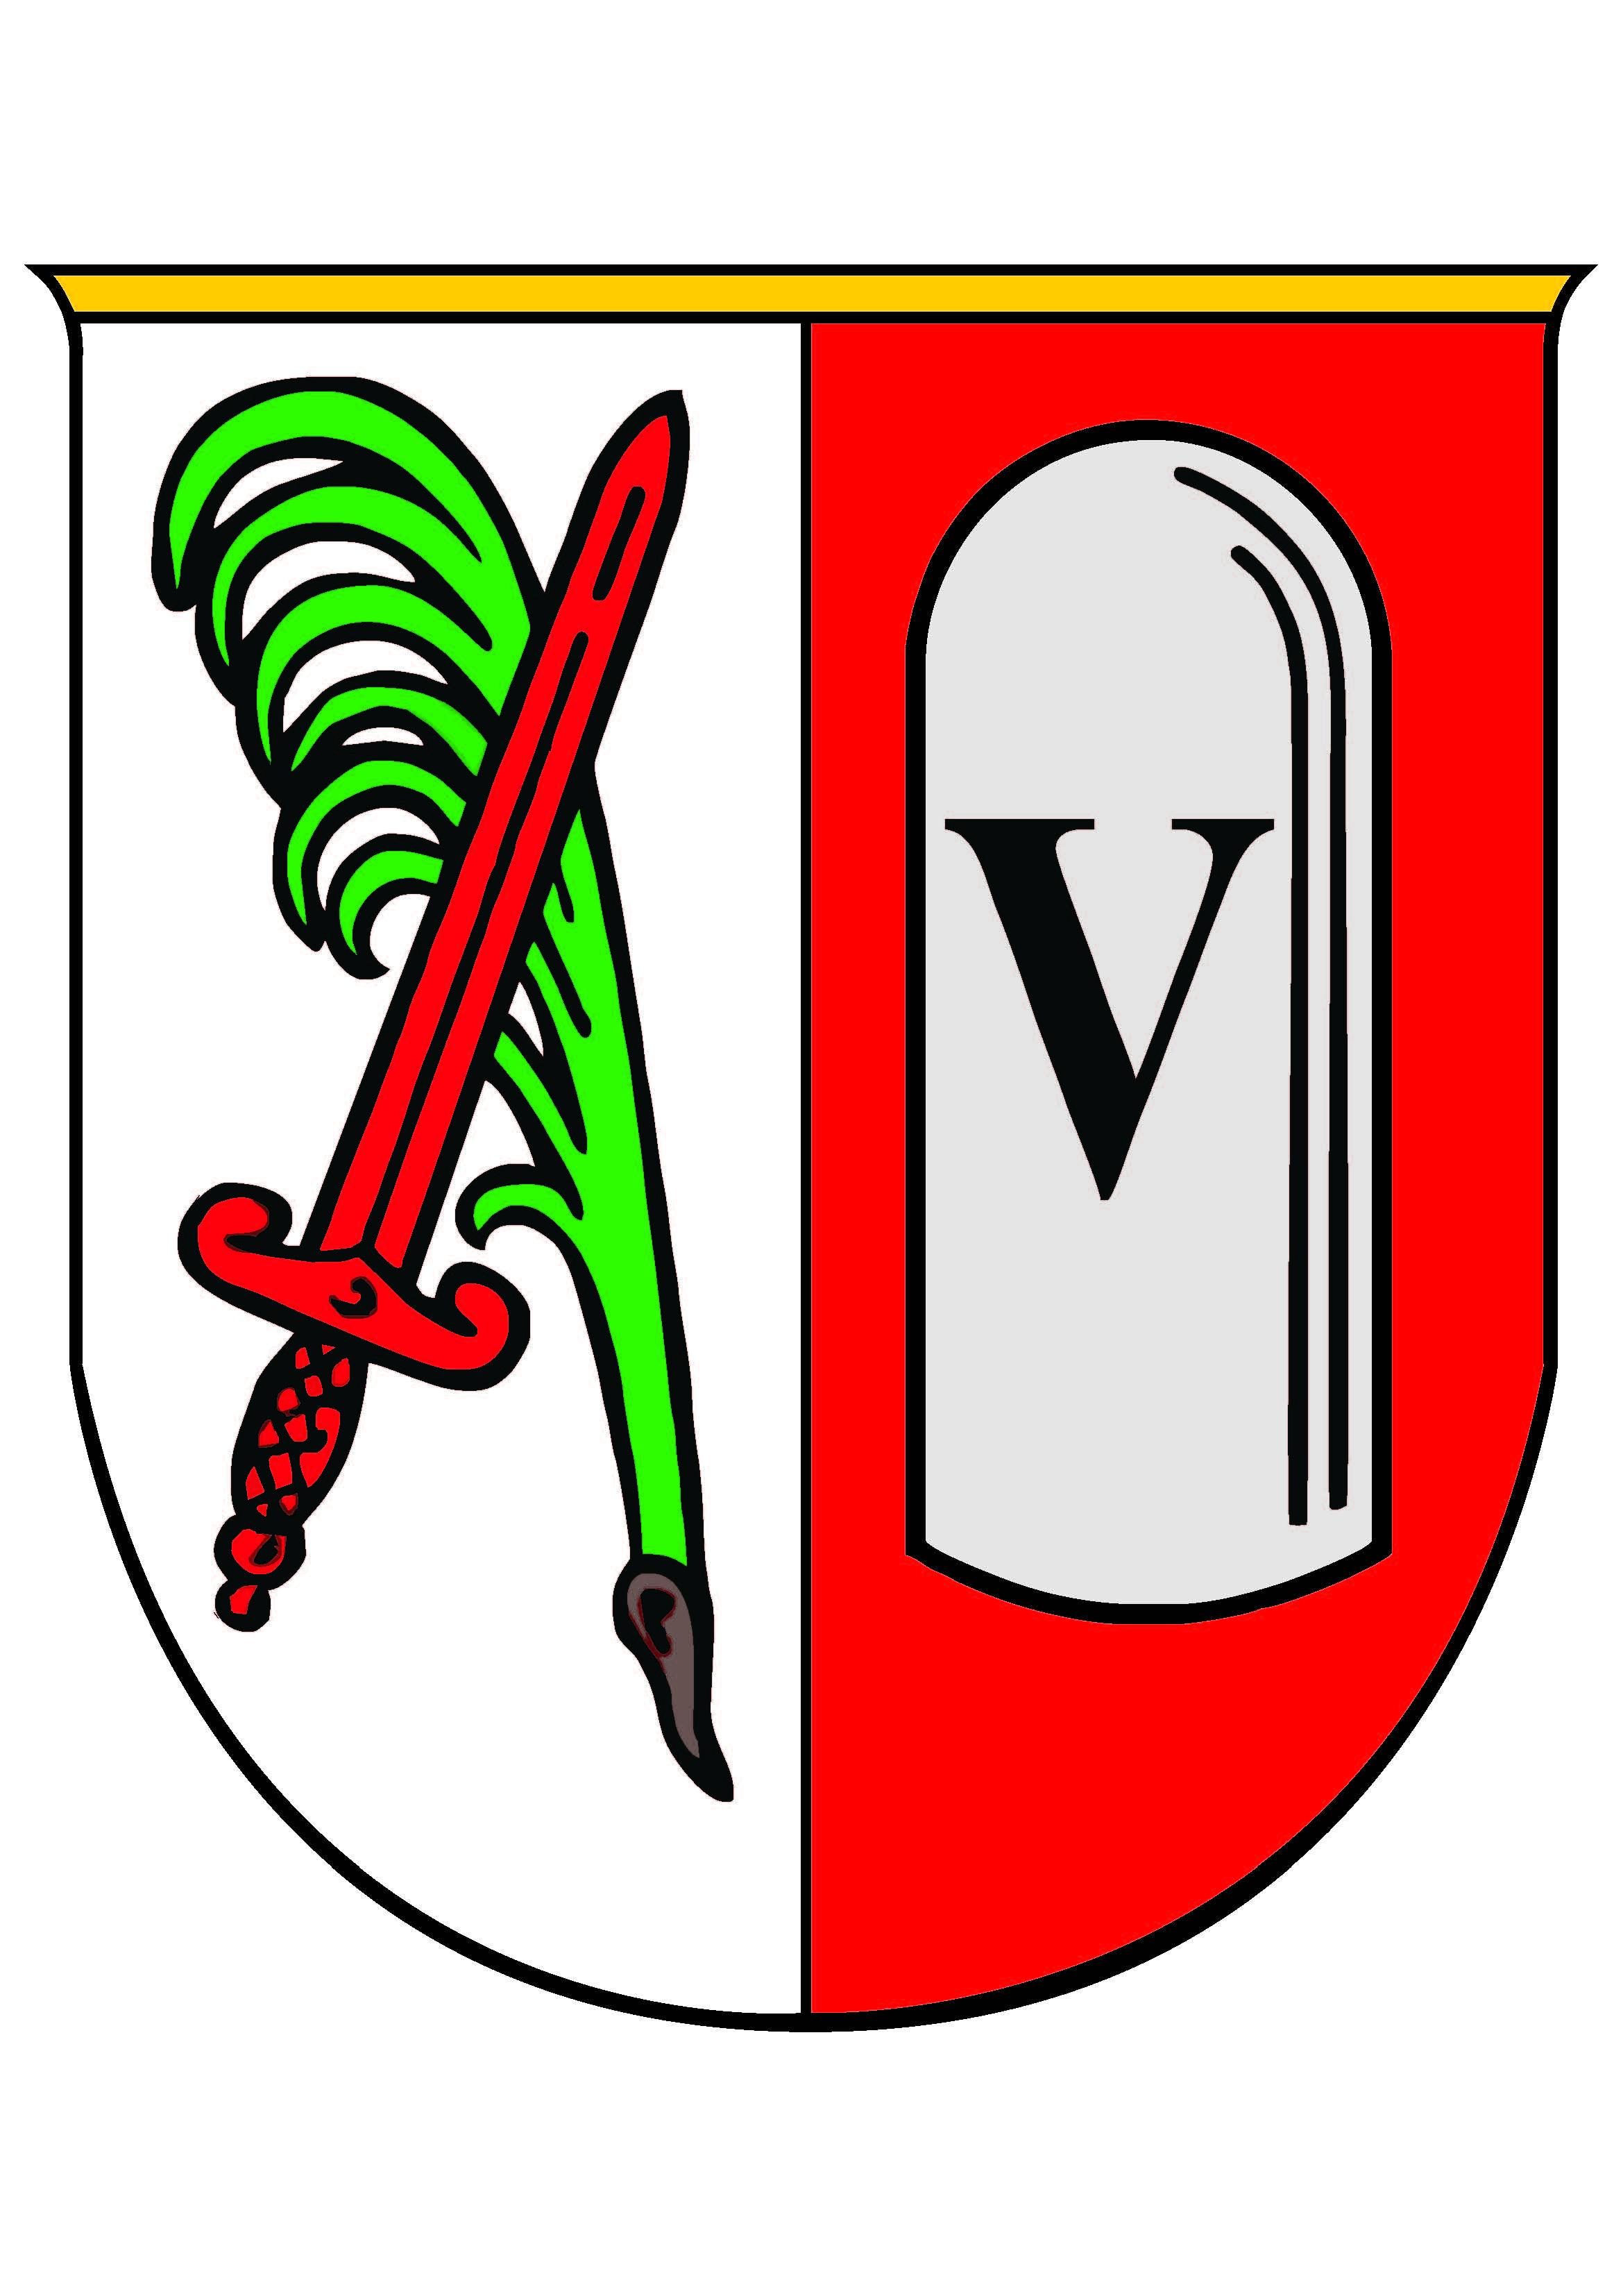 Gemeinde Pfarrwerfen Familie Und Beruf